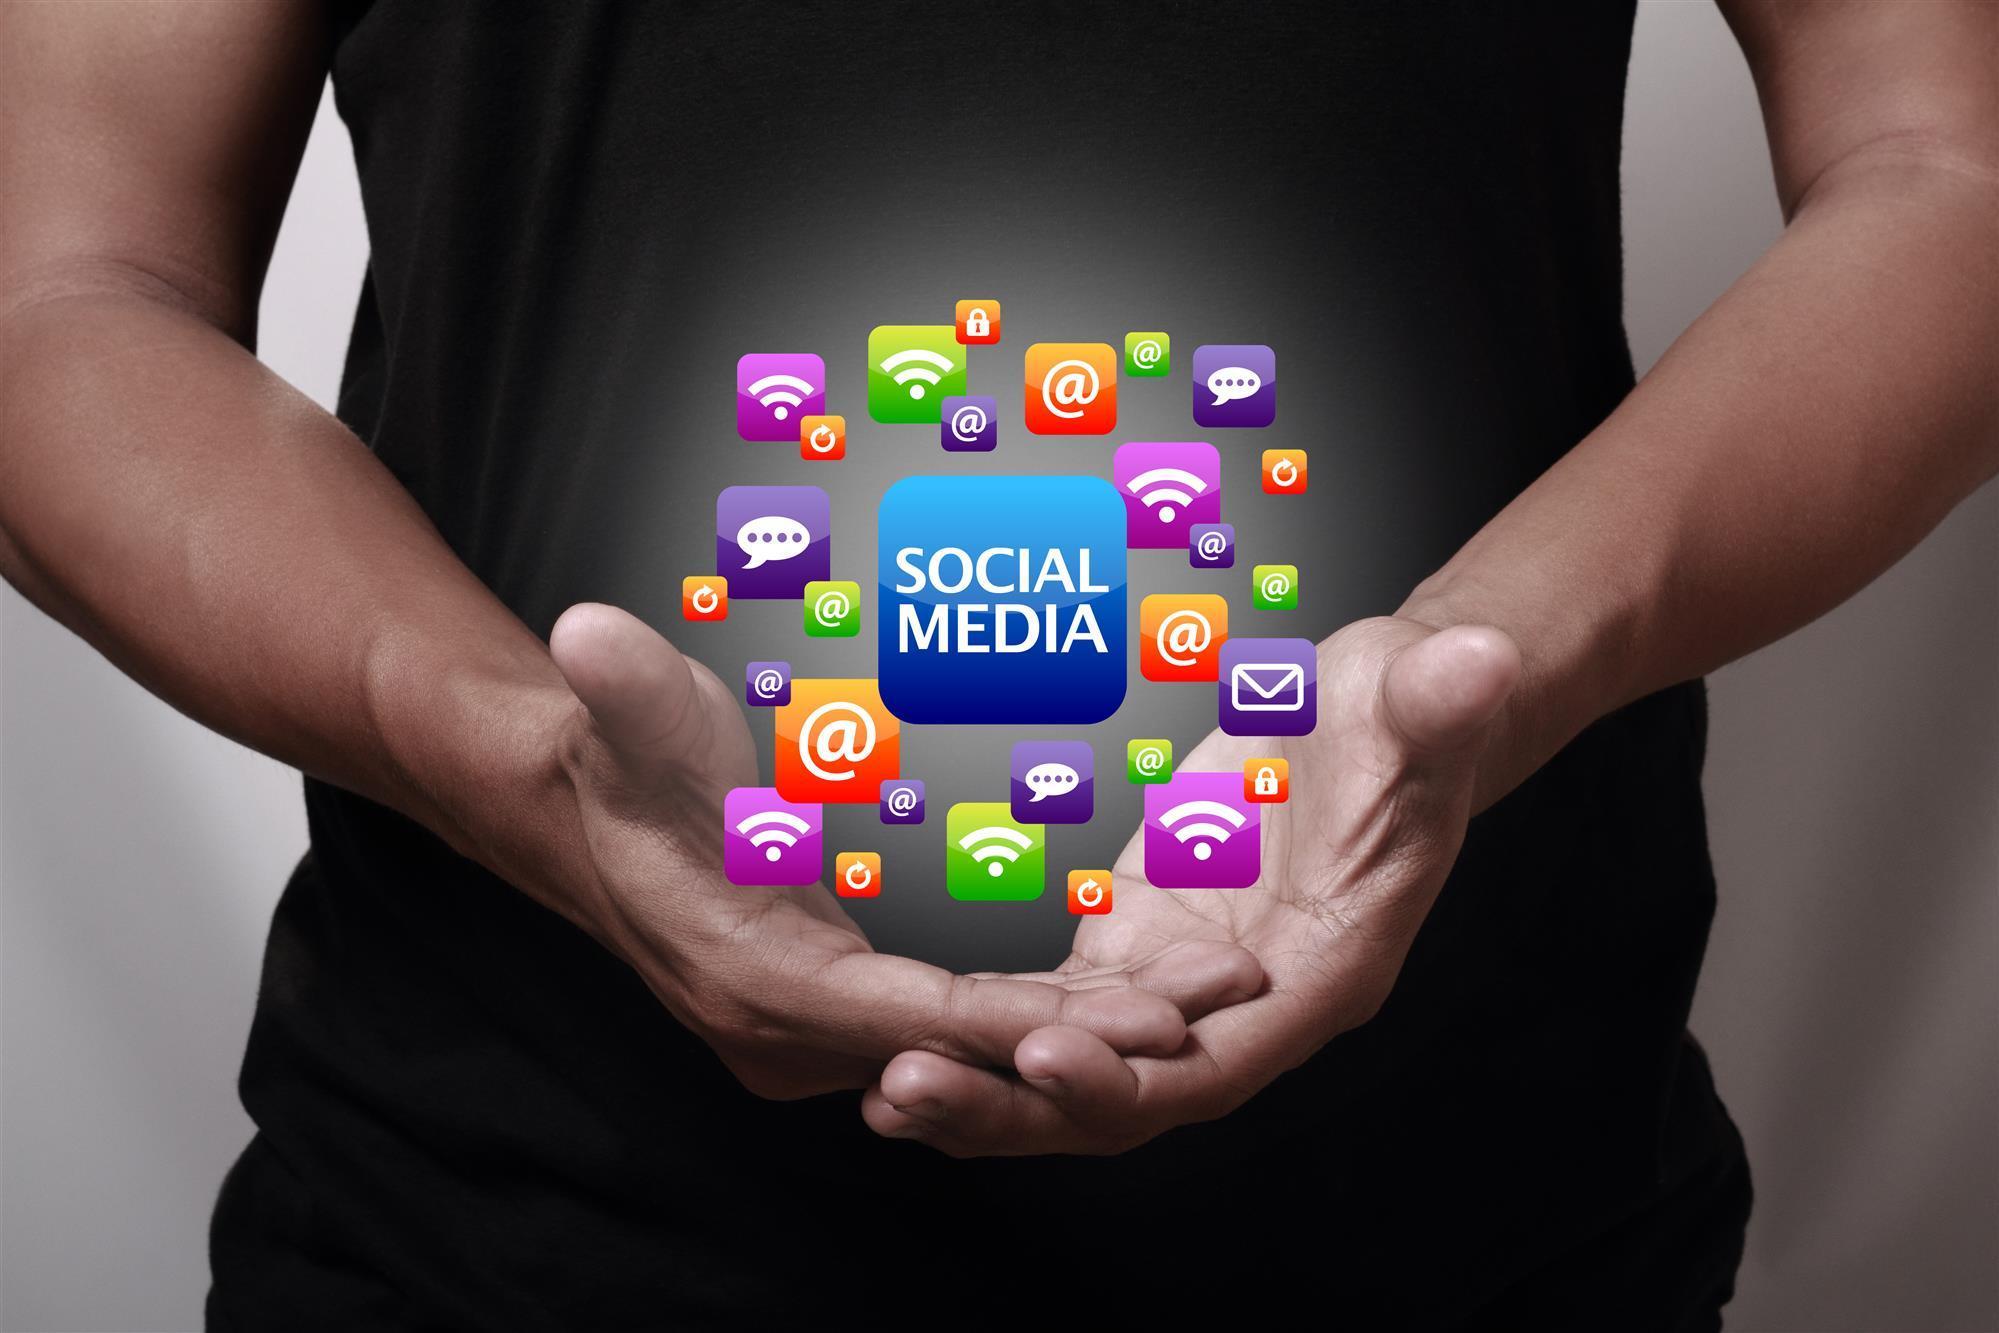 Магазин В Социальных Сетях